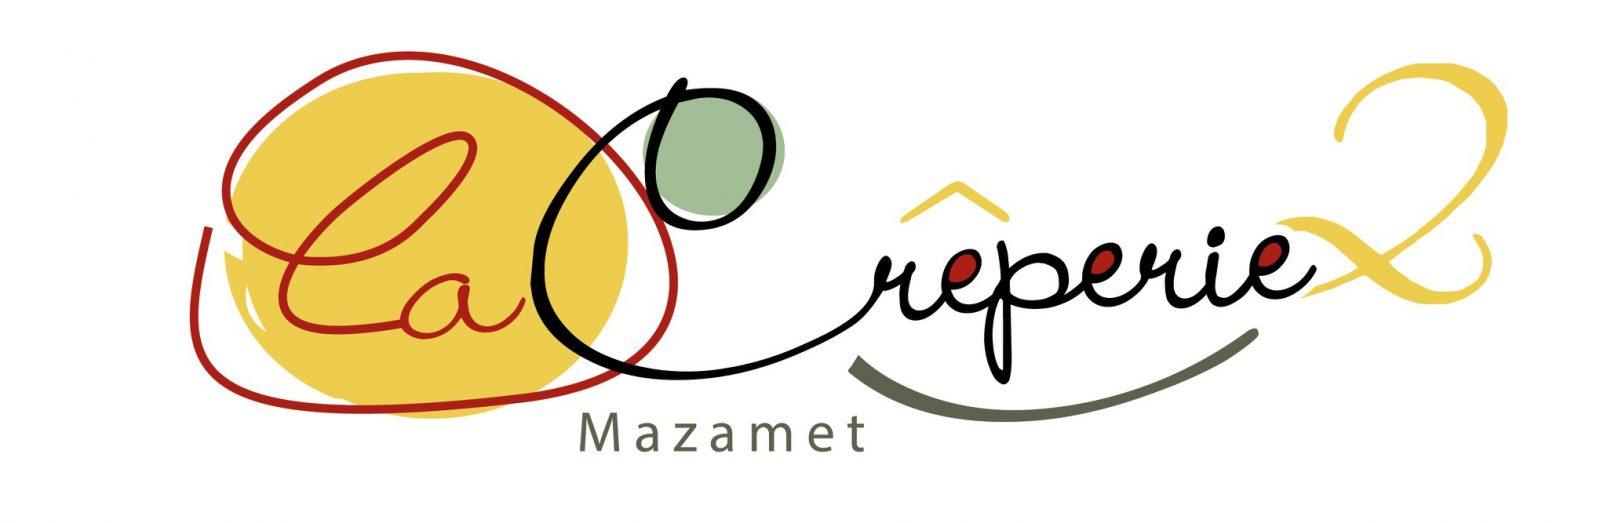 La Crêperie 2 Mazamet : vente à emporter sur commande